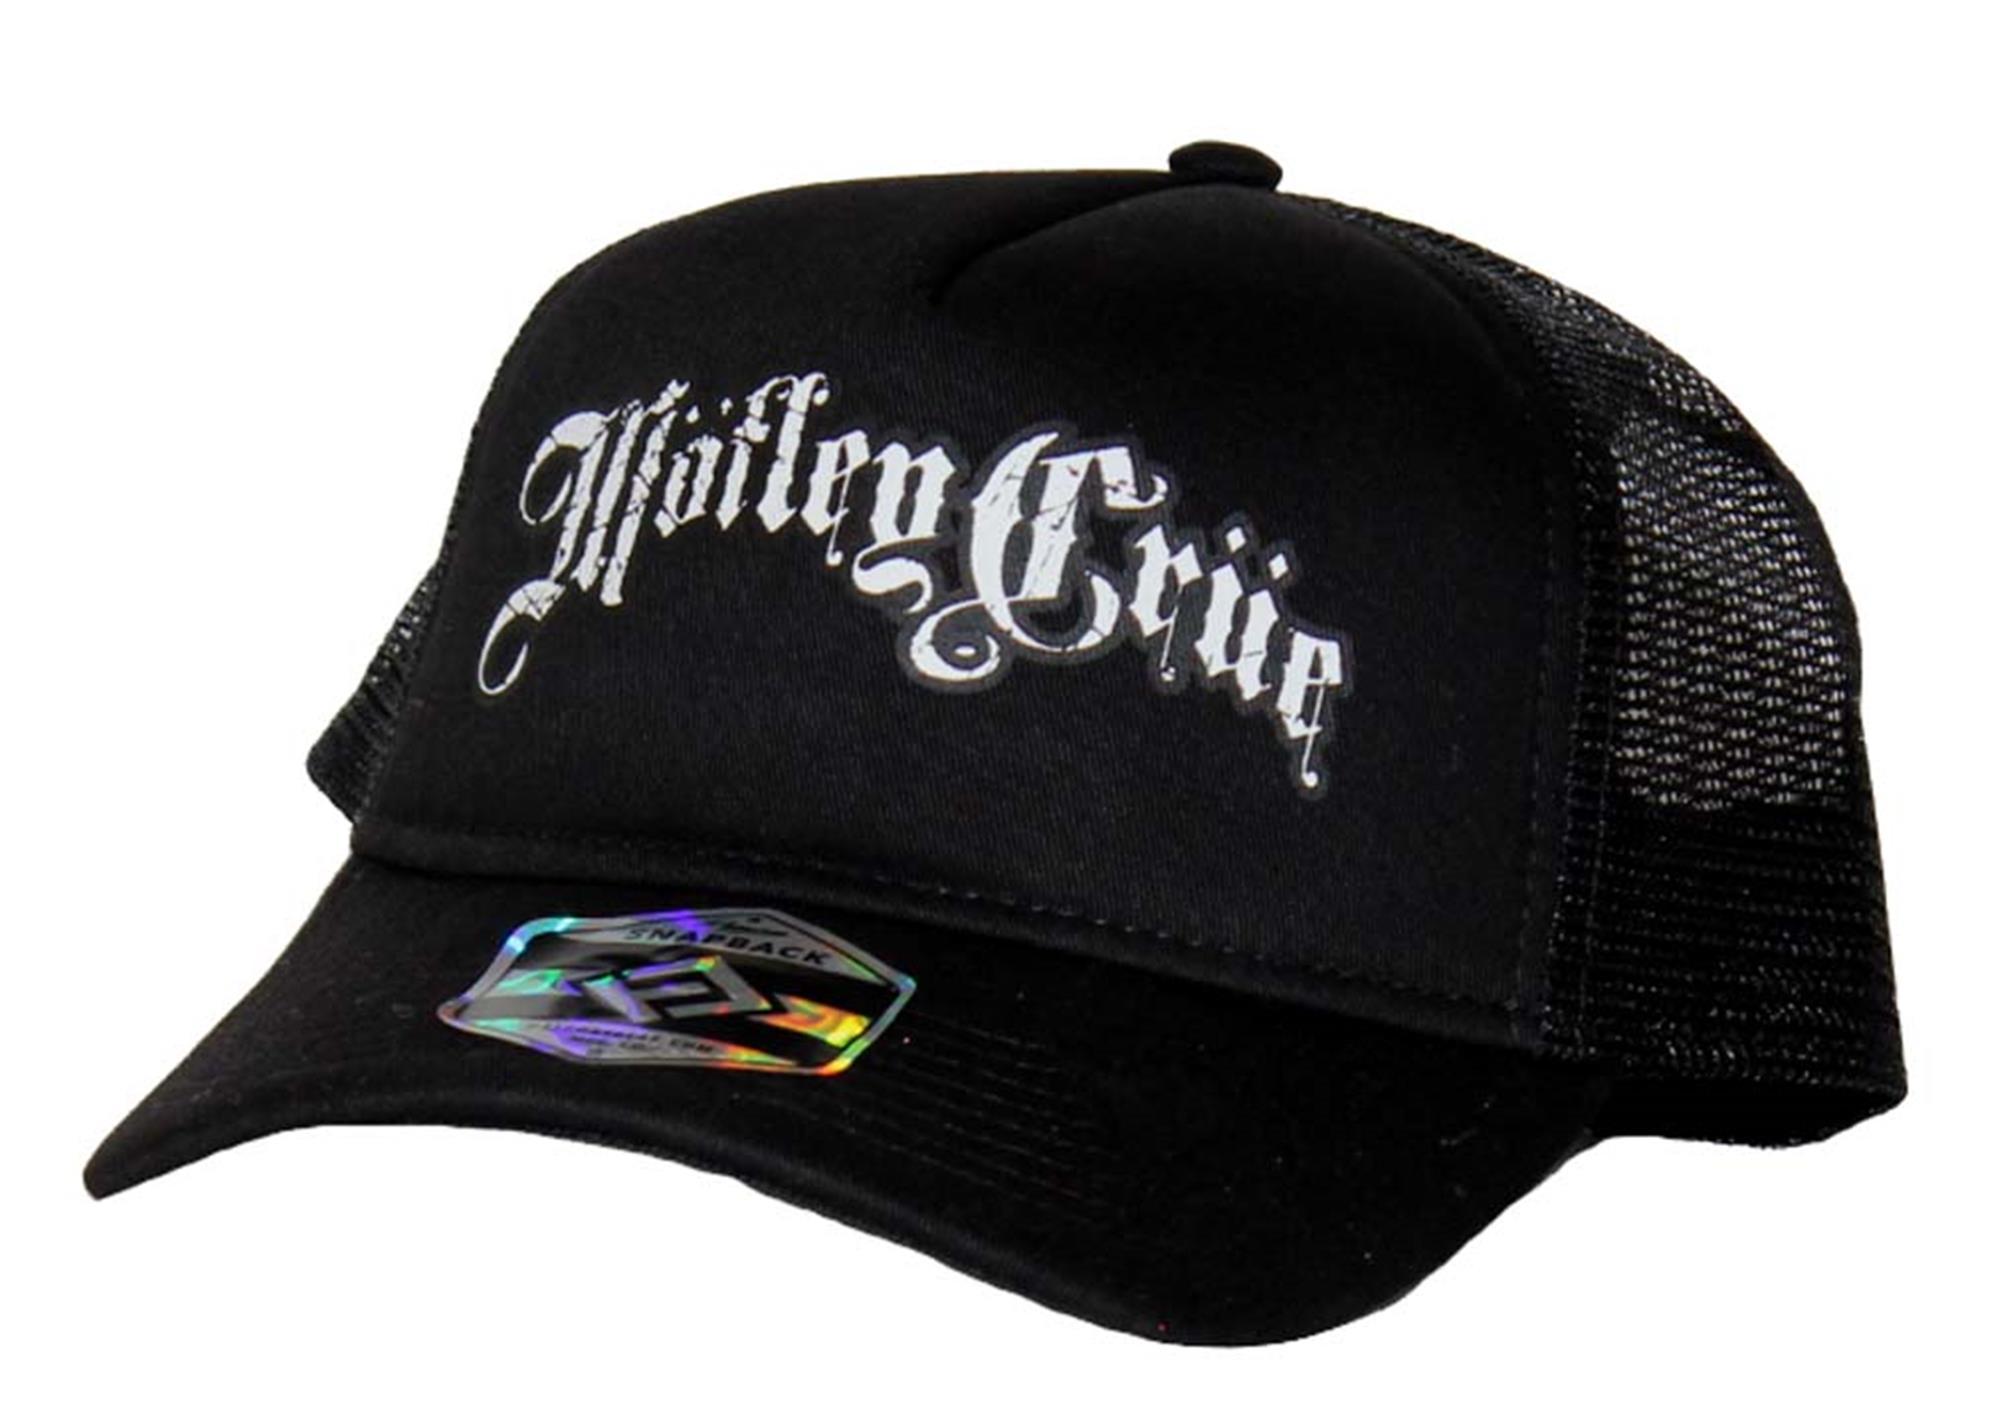 Motley Crue 5 Panel Trucker Hat